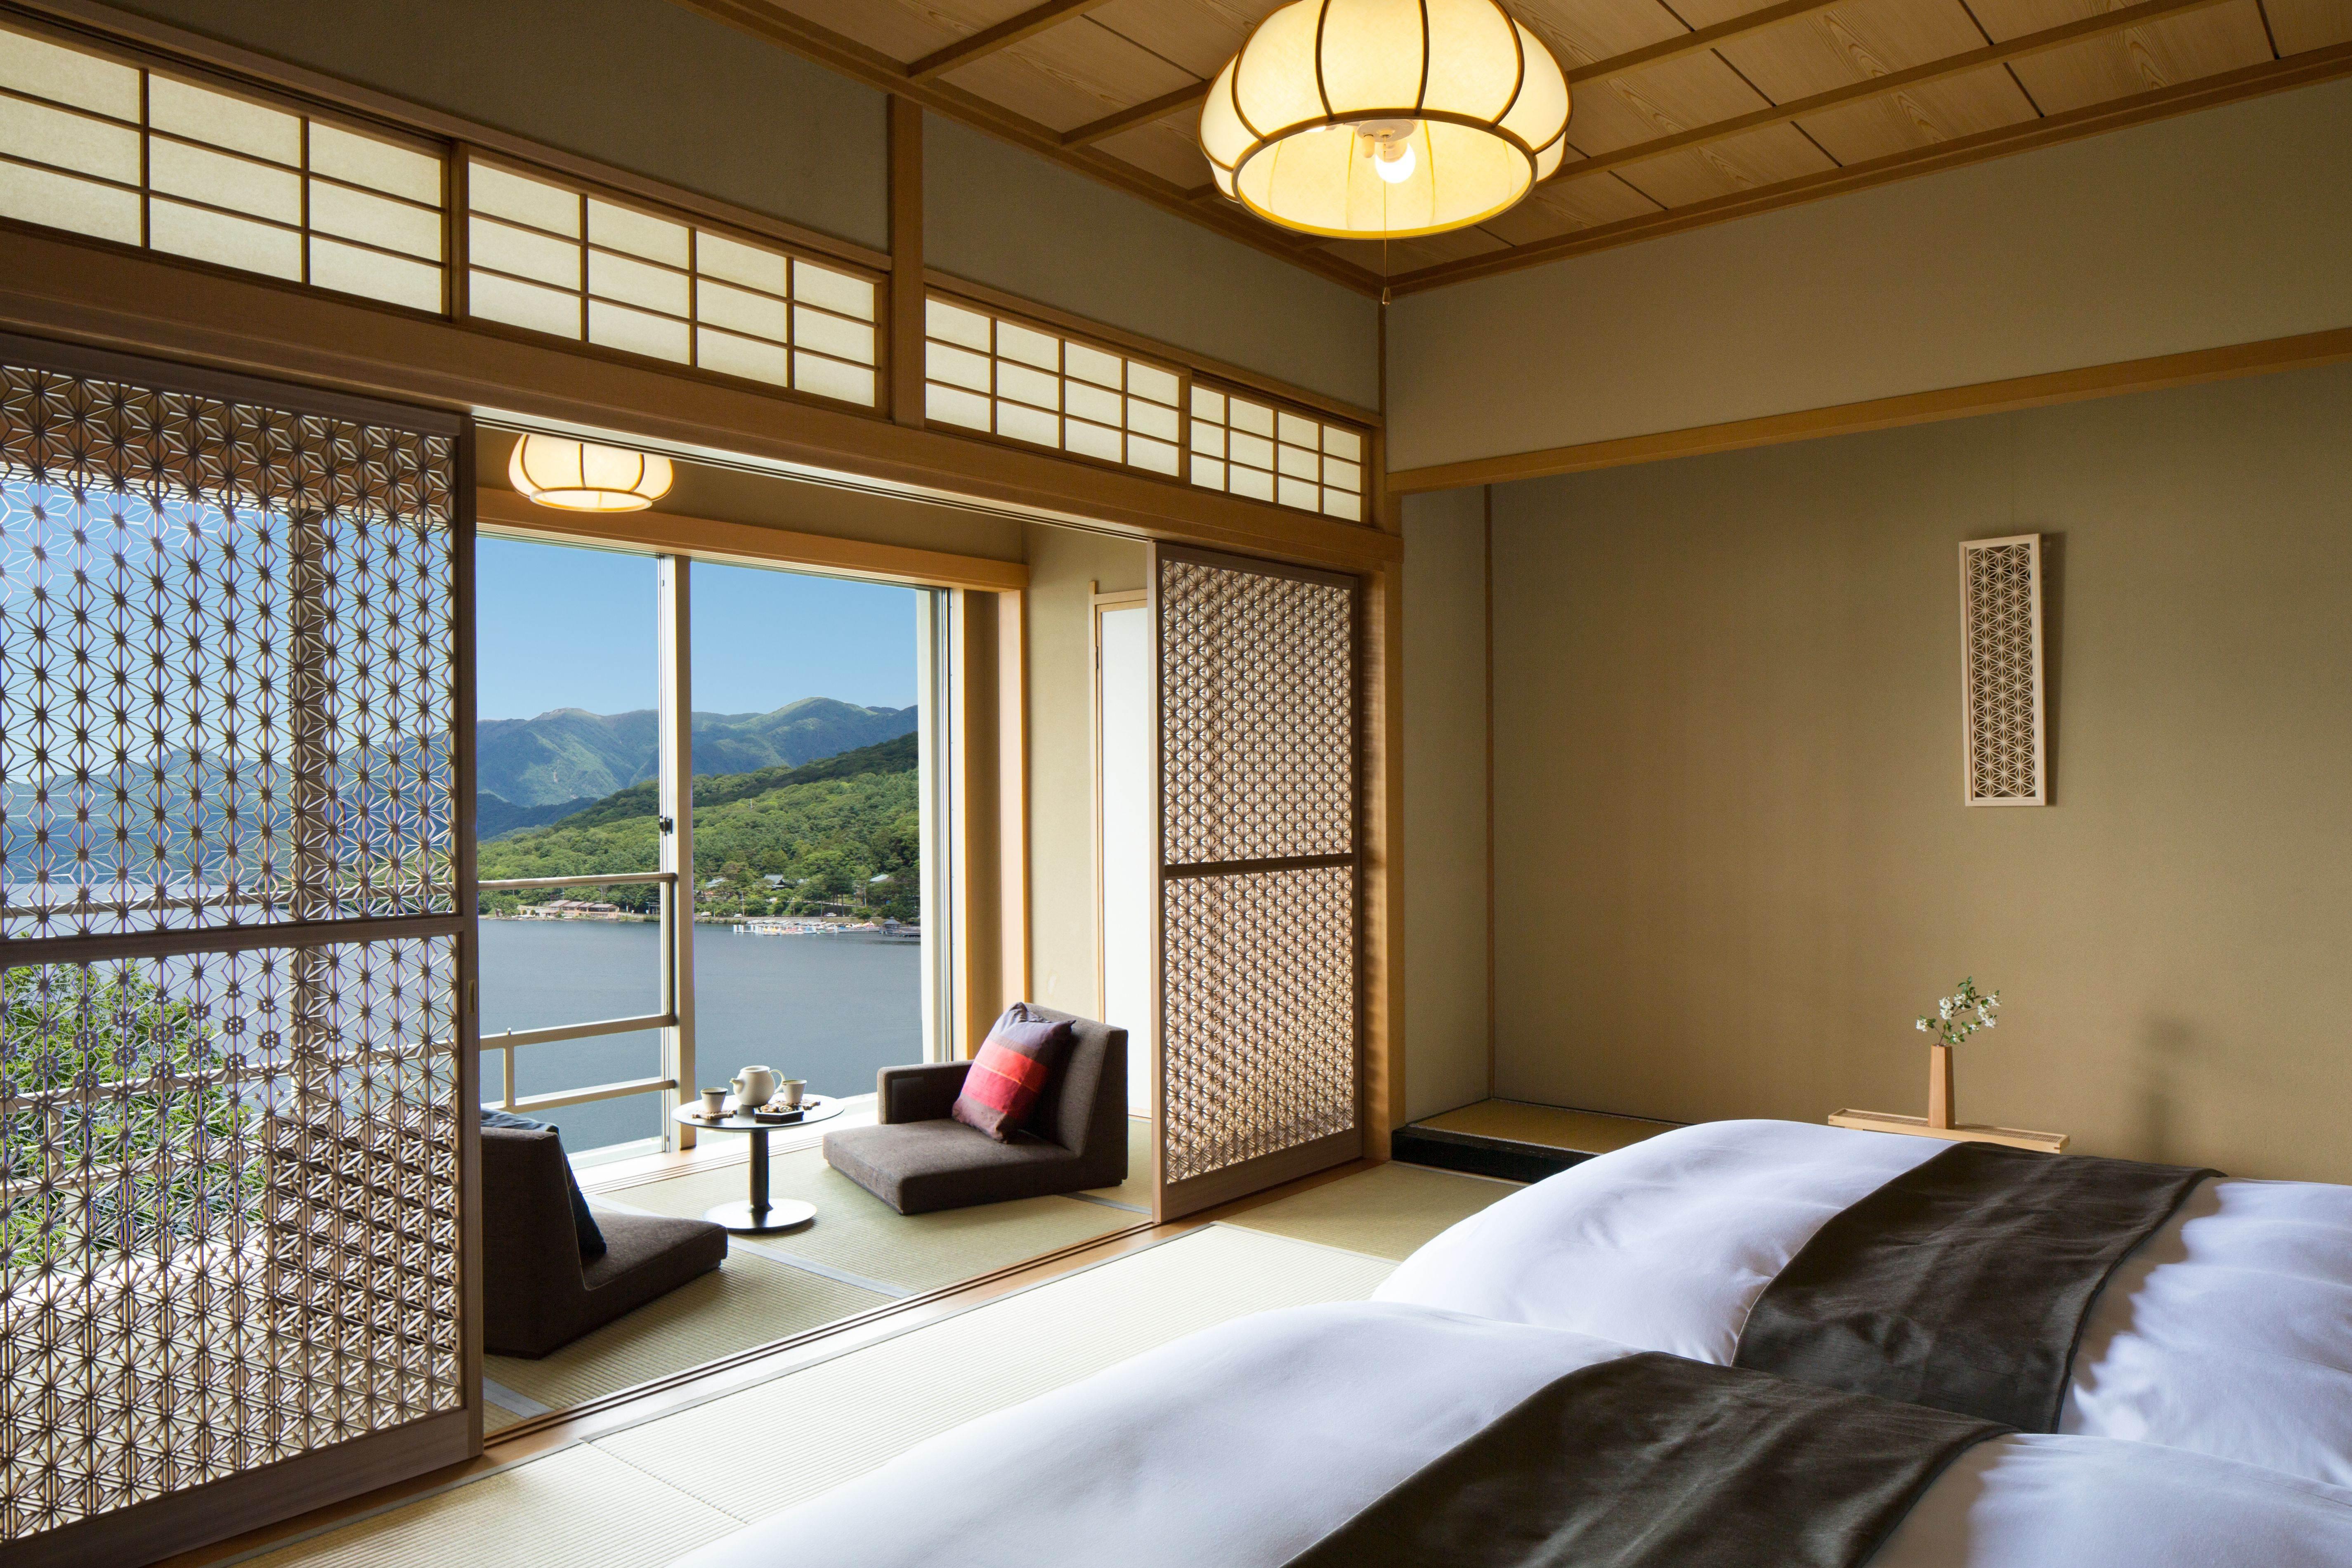 客室は全室が60㎡以上のゆとりのある贅沢な造り。ほぼ全ての部屋から中禅寺湖と男体山を望むことができる